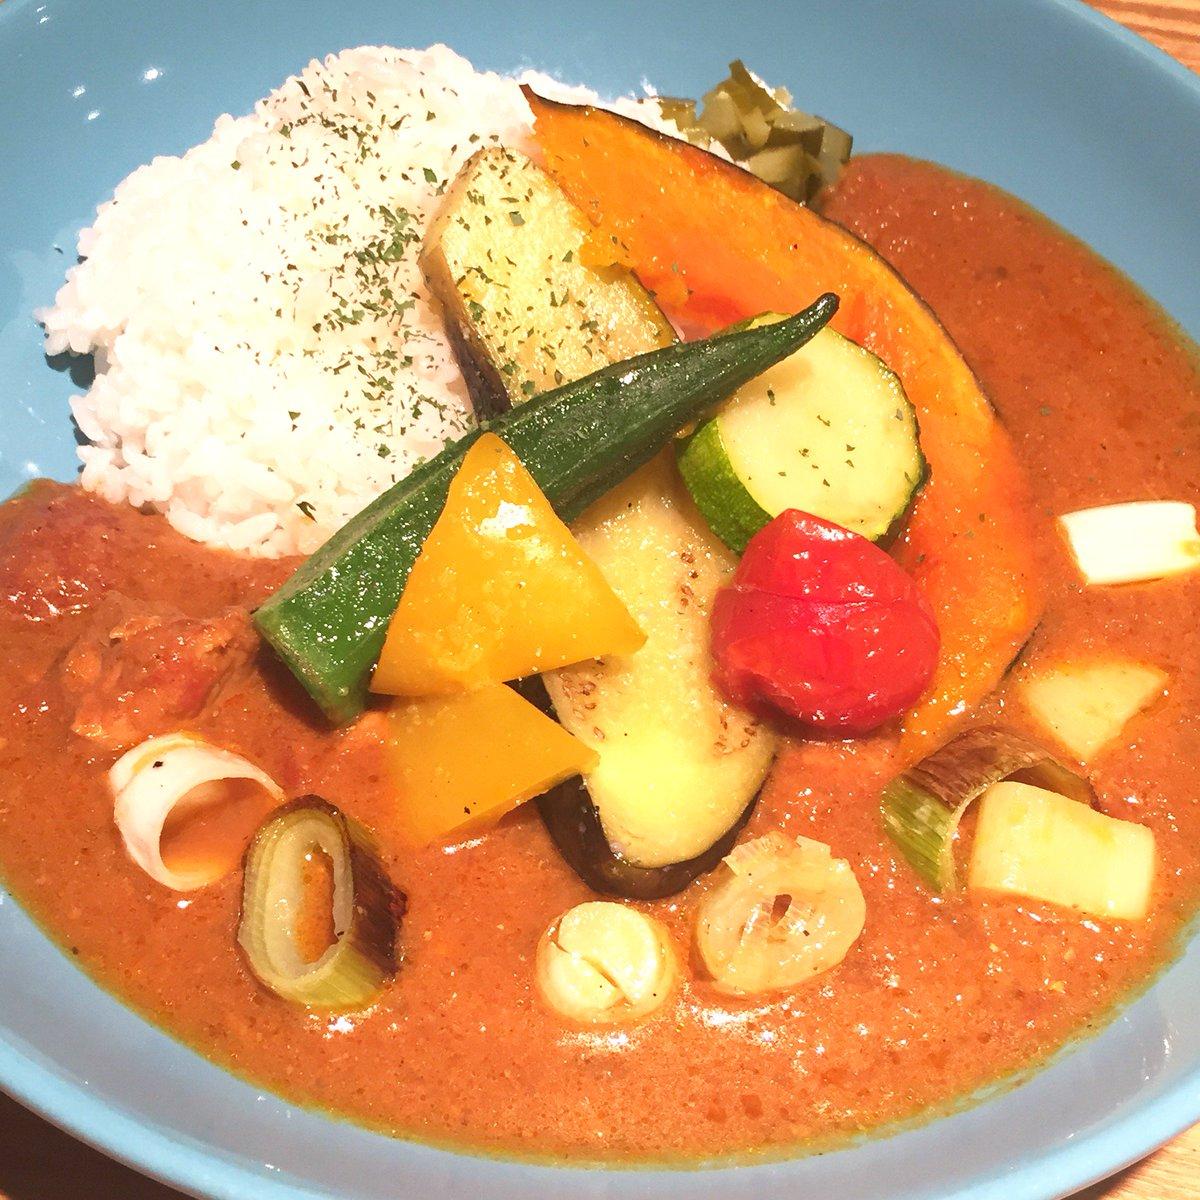 【Negiカフェコラボメニュー★2】 *夏野菜とねぎのカレー 「ぽんちゃ」ことMeguちゃんはカレーが大好き!というわけで、モナで人気のチキンカレーに夏野菜とねぎのグリルをトッピングしました♪ https://t.co/yRAVvQSeub